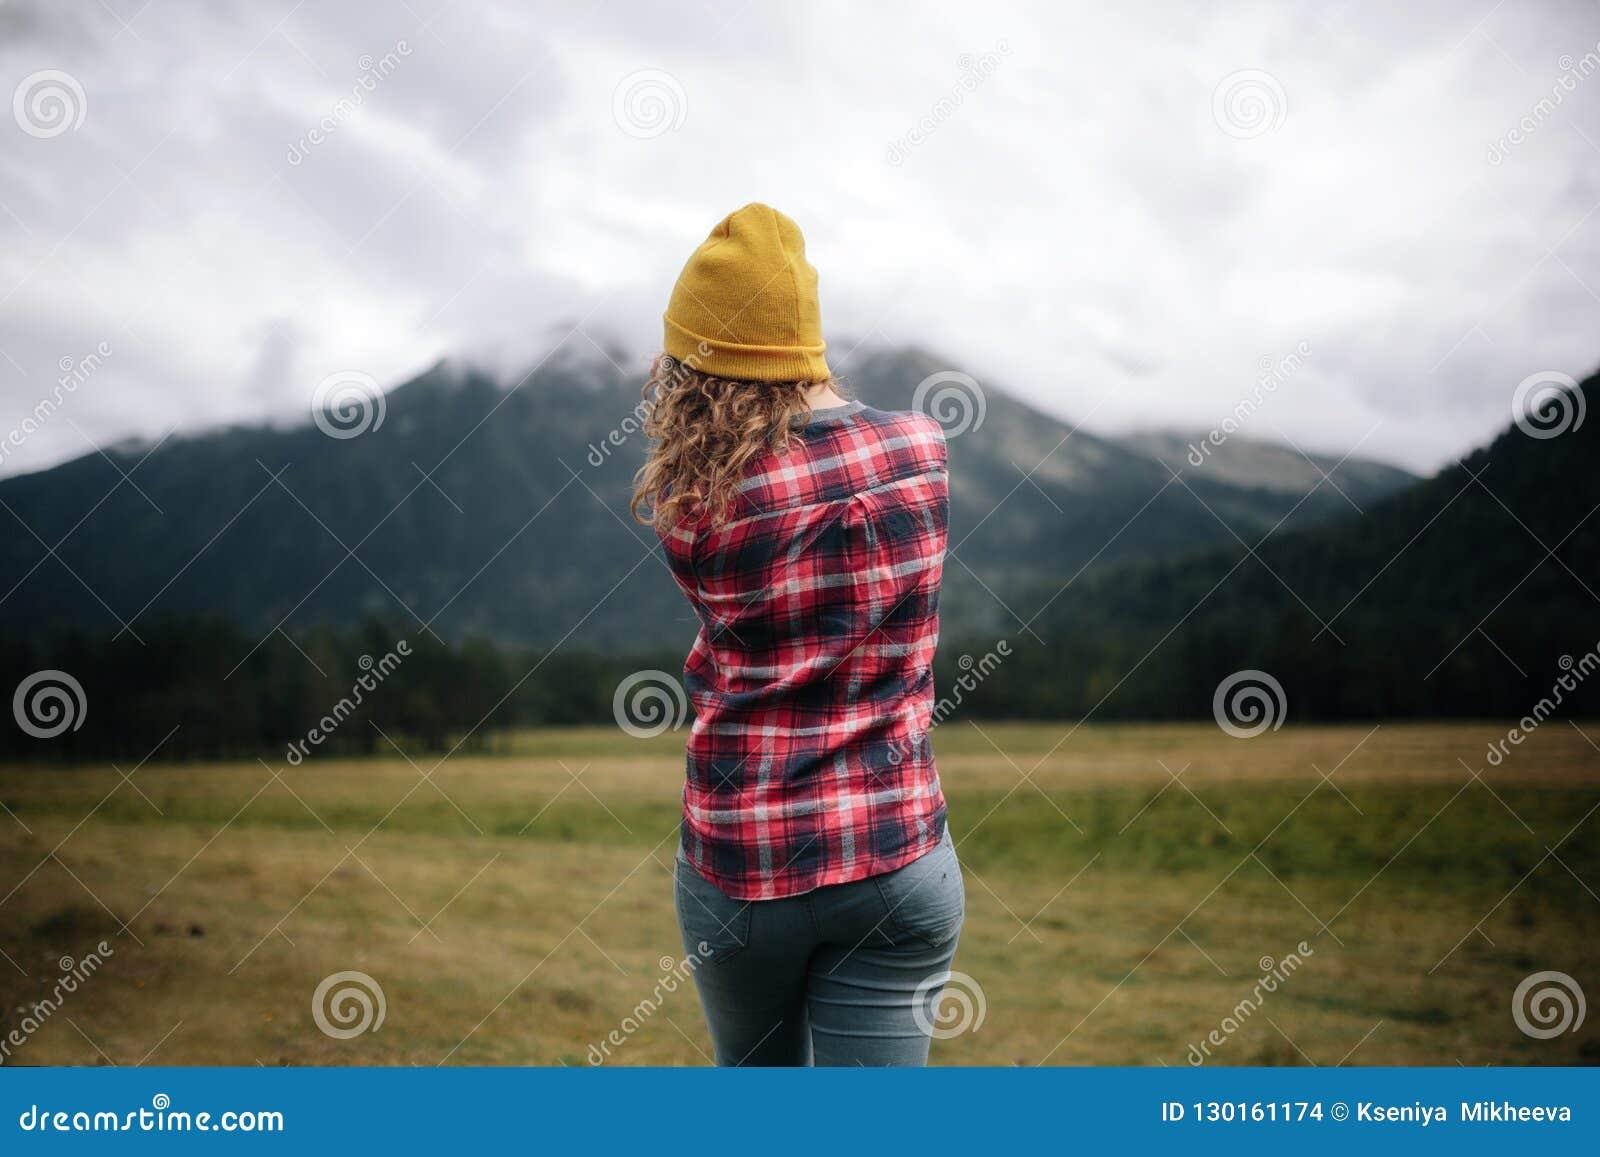 ταξιδιώτης κοριτσιών στο καπέλο με το σακίδιο πλάτης που εξετάζει τα σύννεφα στα βουνά